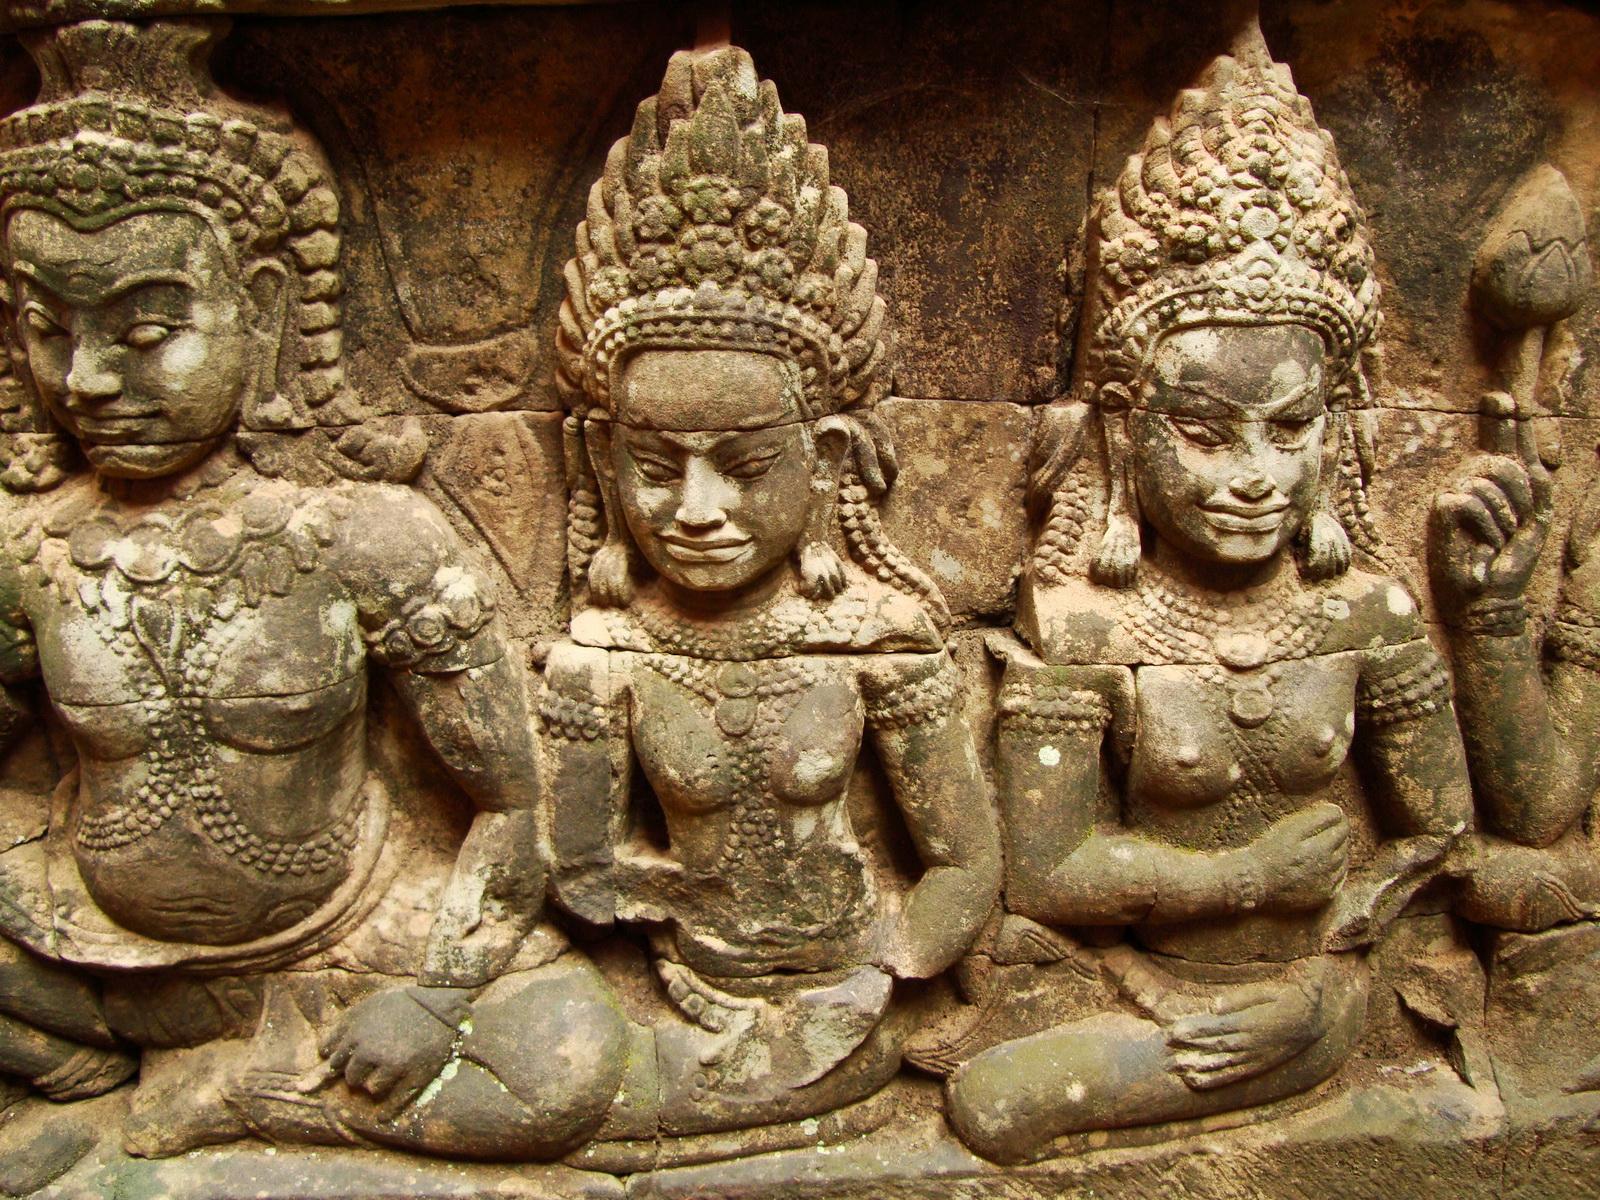 Leper King Terrace hidden wall underworld Nagas and deities 130